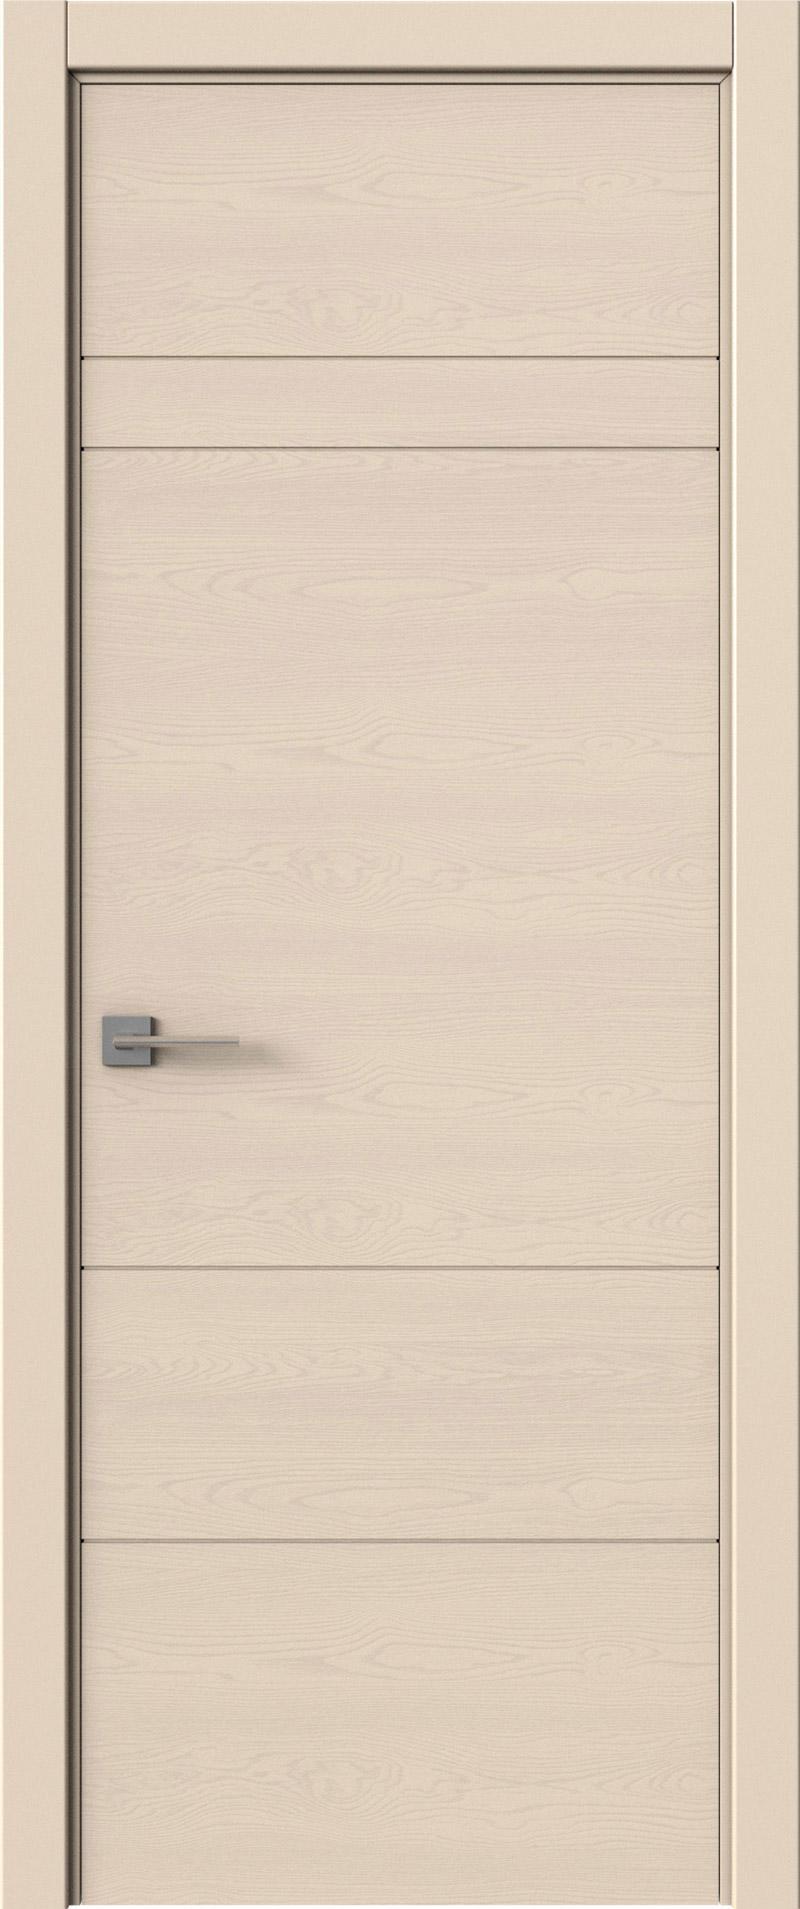 Tivoli К-2 цвет - Жемчужная эмаль по шпону (RAL 1013) Без стекла (ДГ)